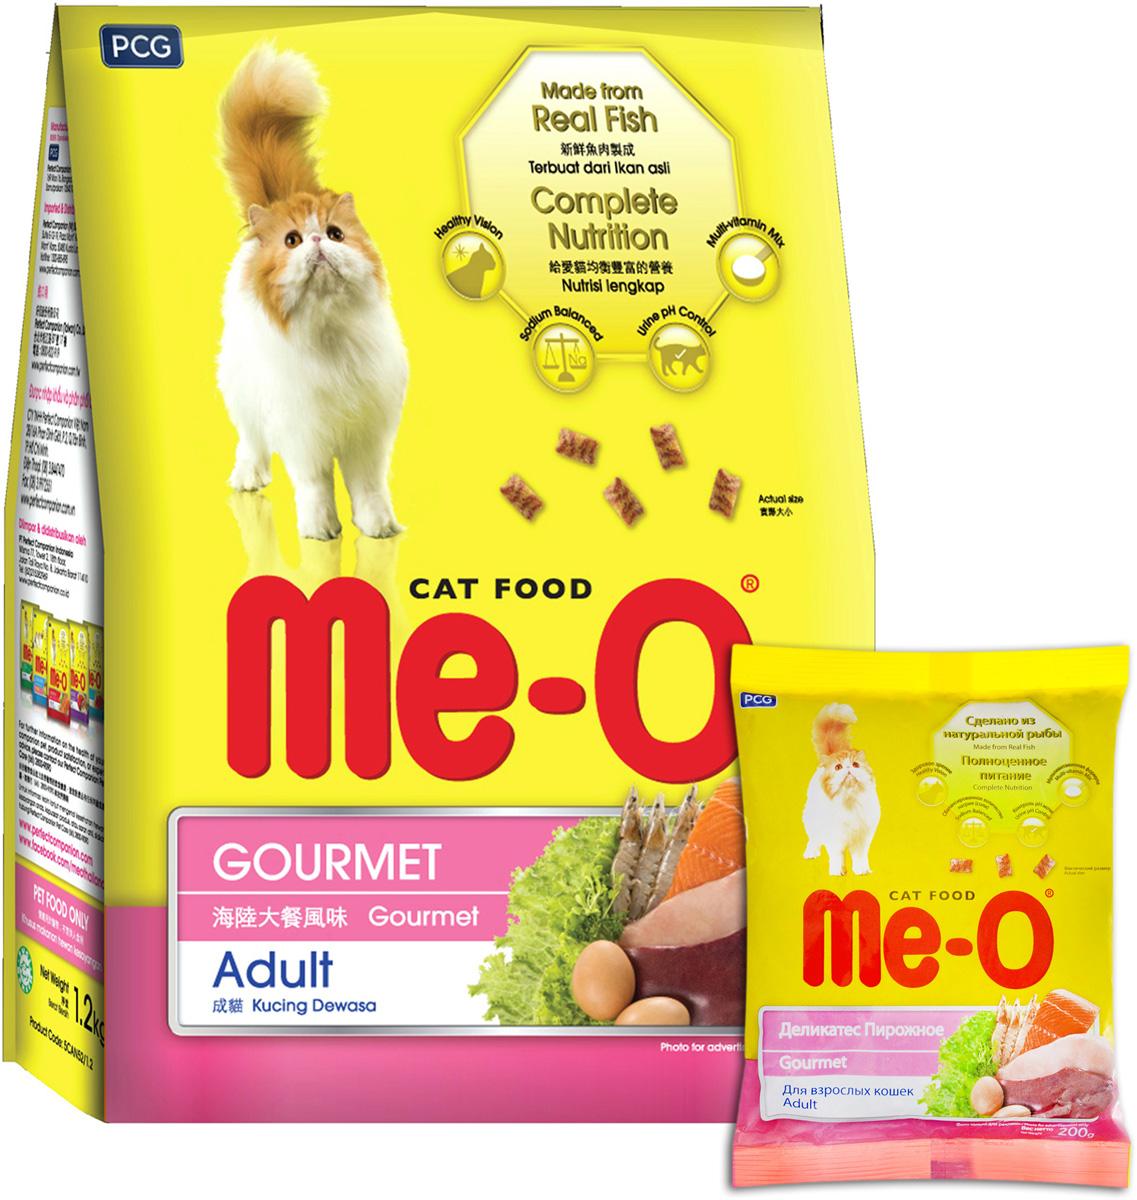 Корм сухой для кошек и котов PCG Ме-О. Деликатес, 200 г, 35 шт паучи для кошек и котов pcg ме о сардина с курицей и рисом в желе 80 г